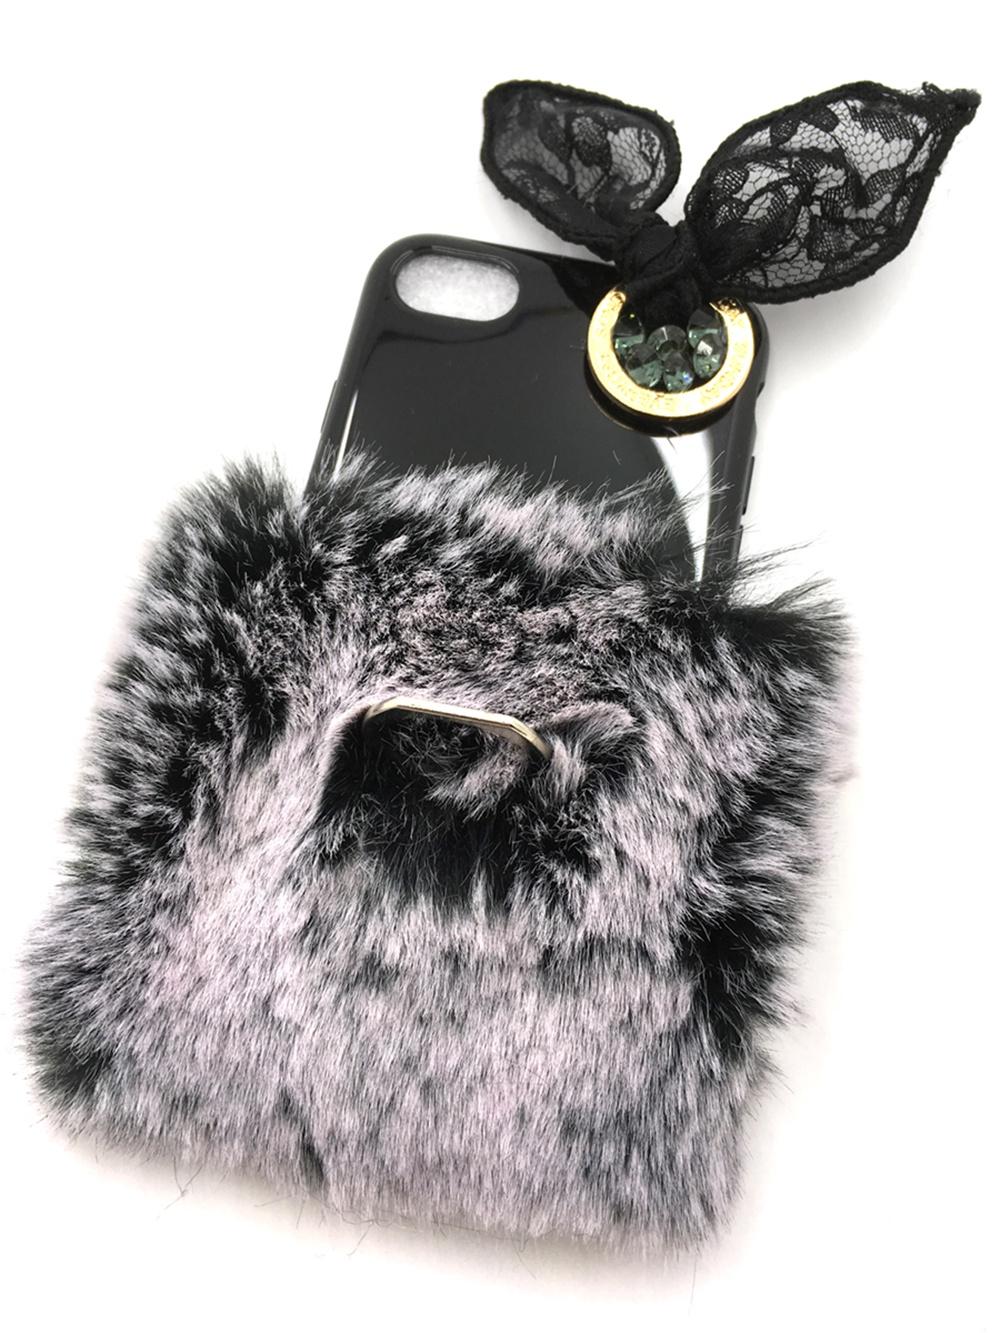 Чехол для сотового телефона Мобильная мода iPhone 7 Накладка меховой аксессуар с бантом 6944, черно-серый все цены